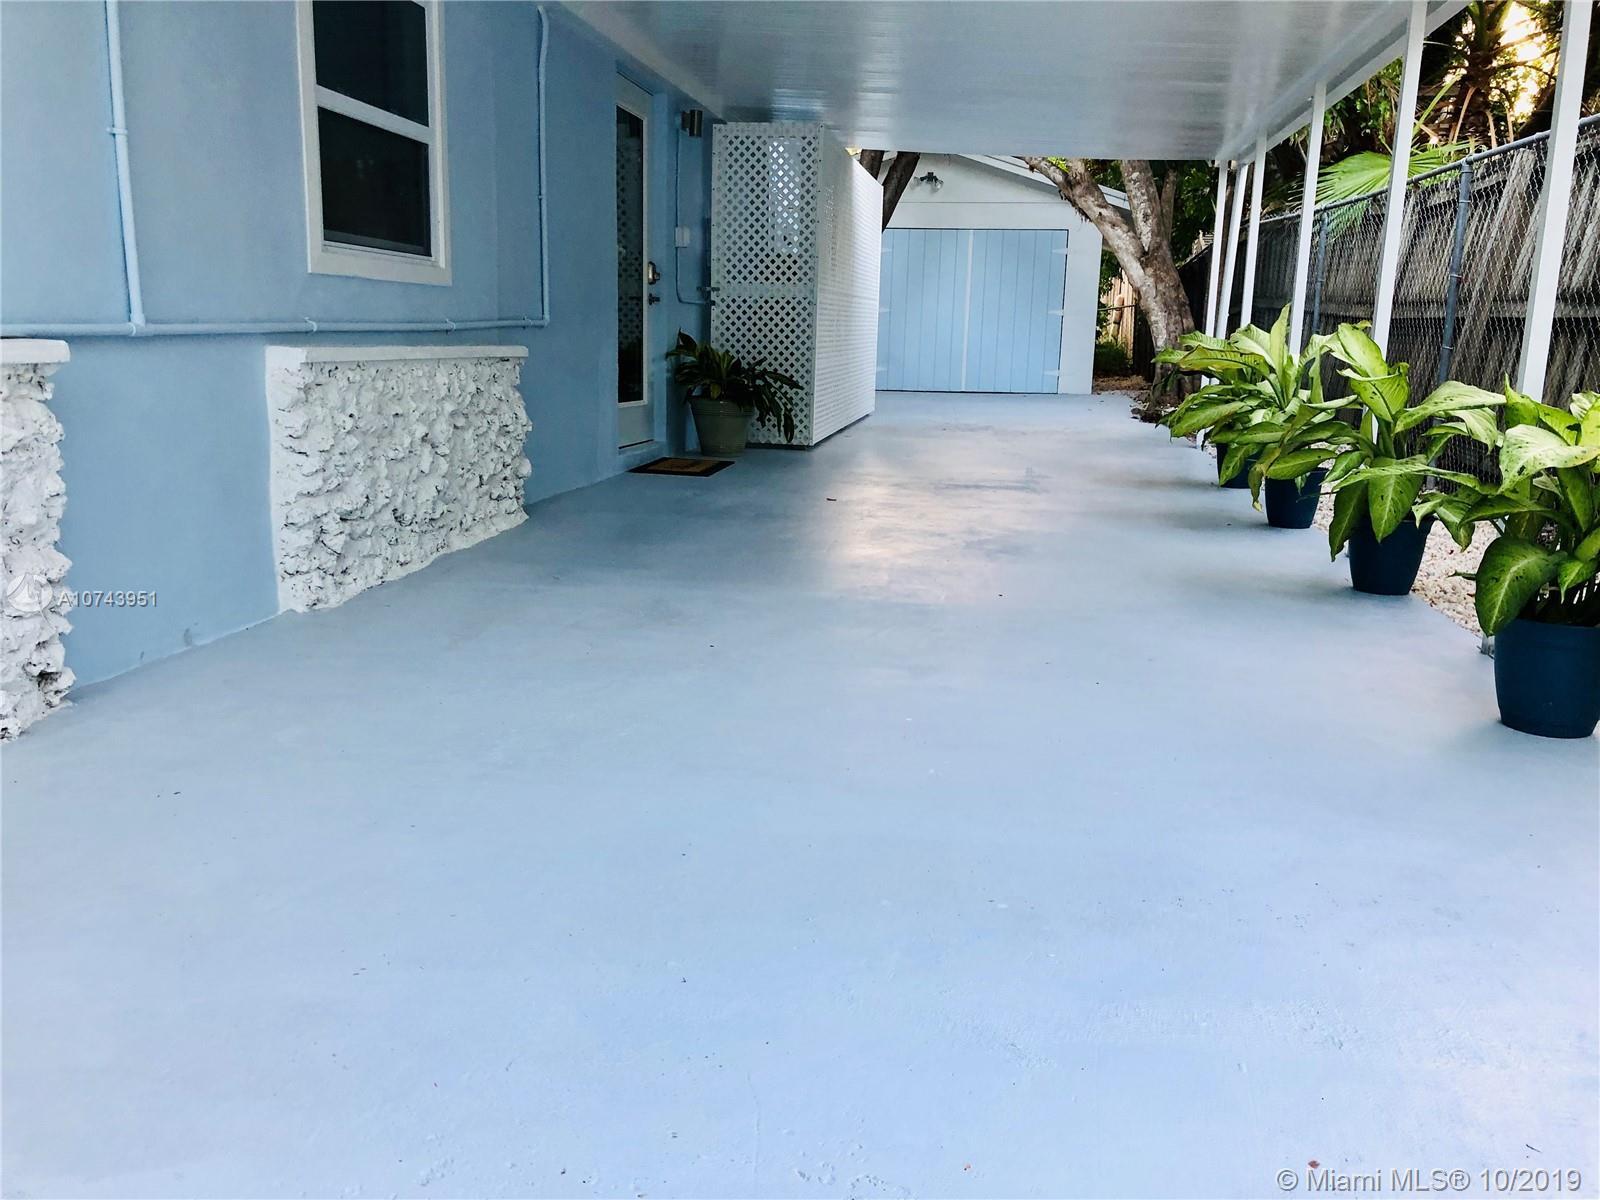 Bahia Mar Ests Real Estate Listings Main Image